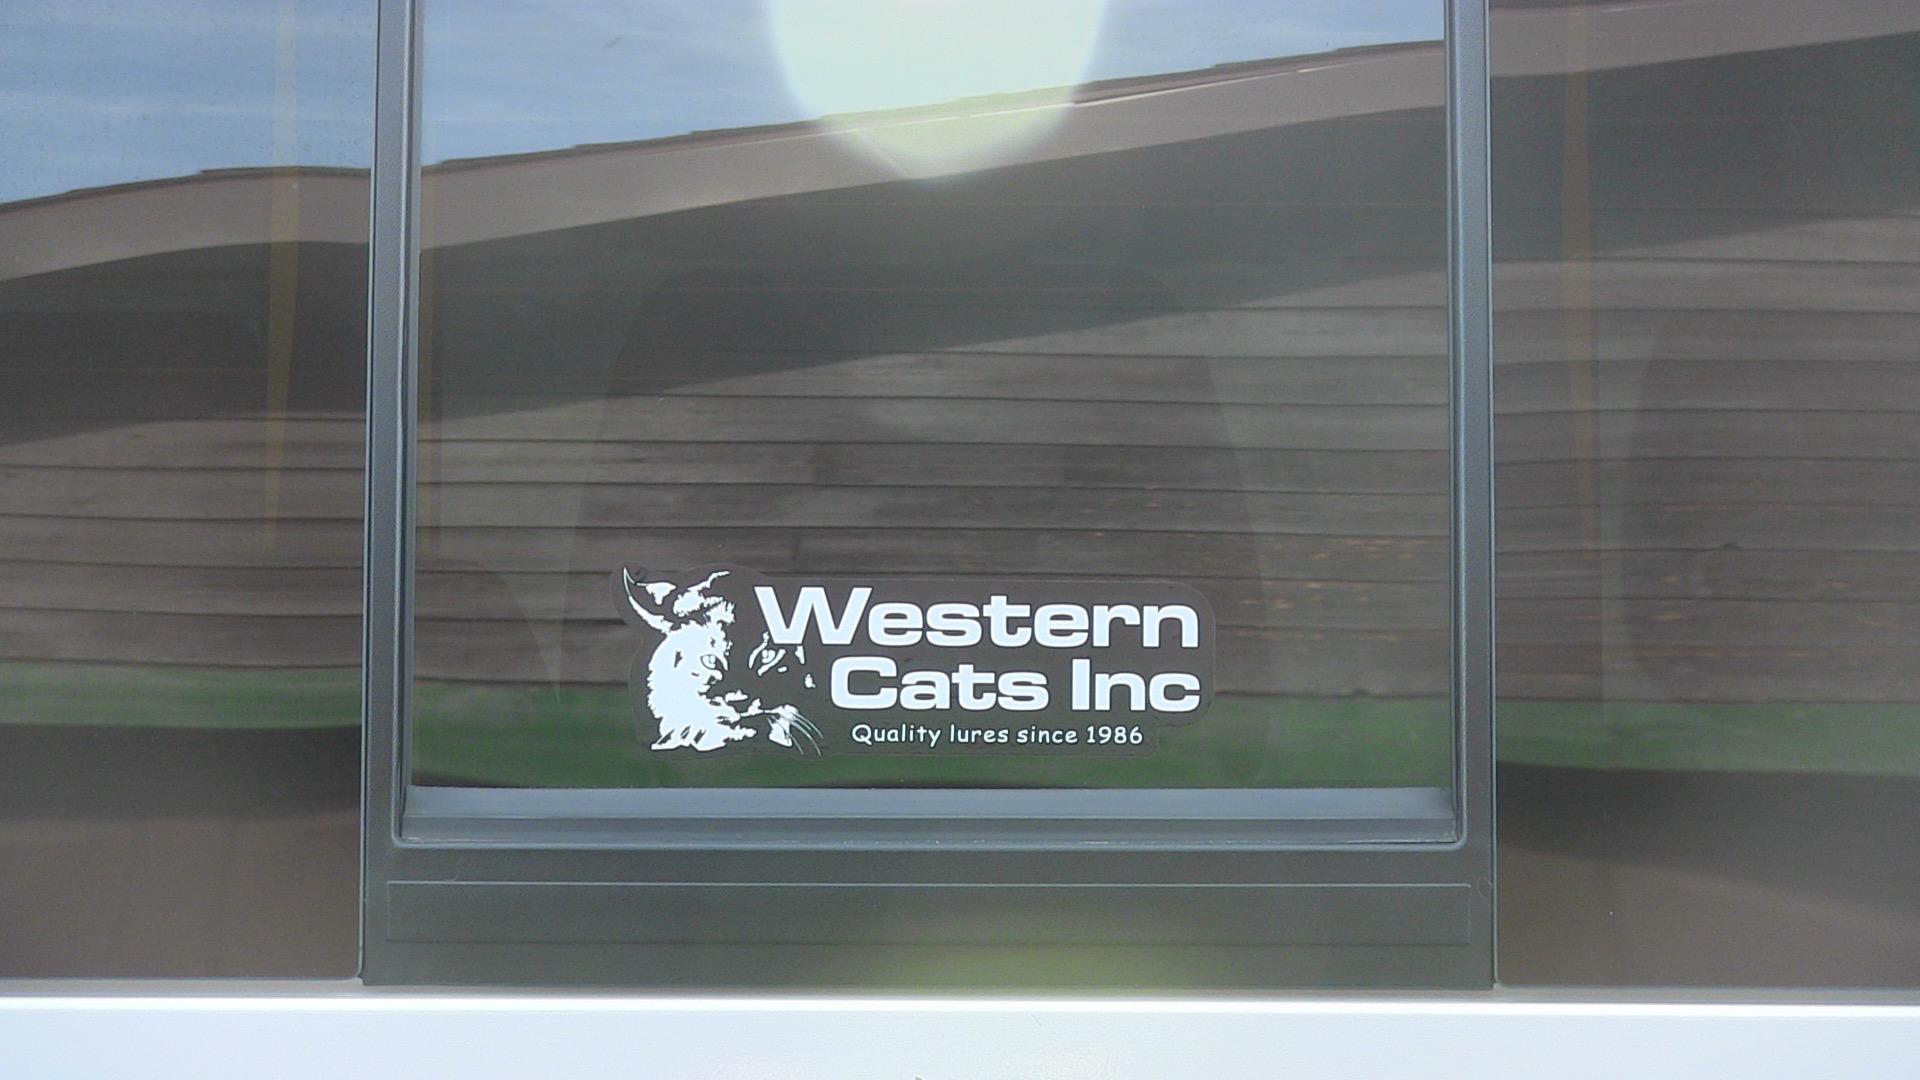 Western Cats Window Sticker